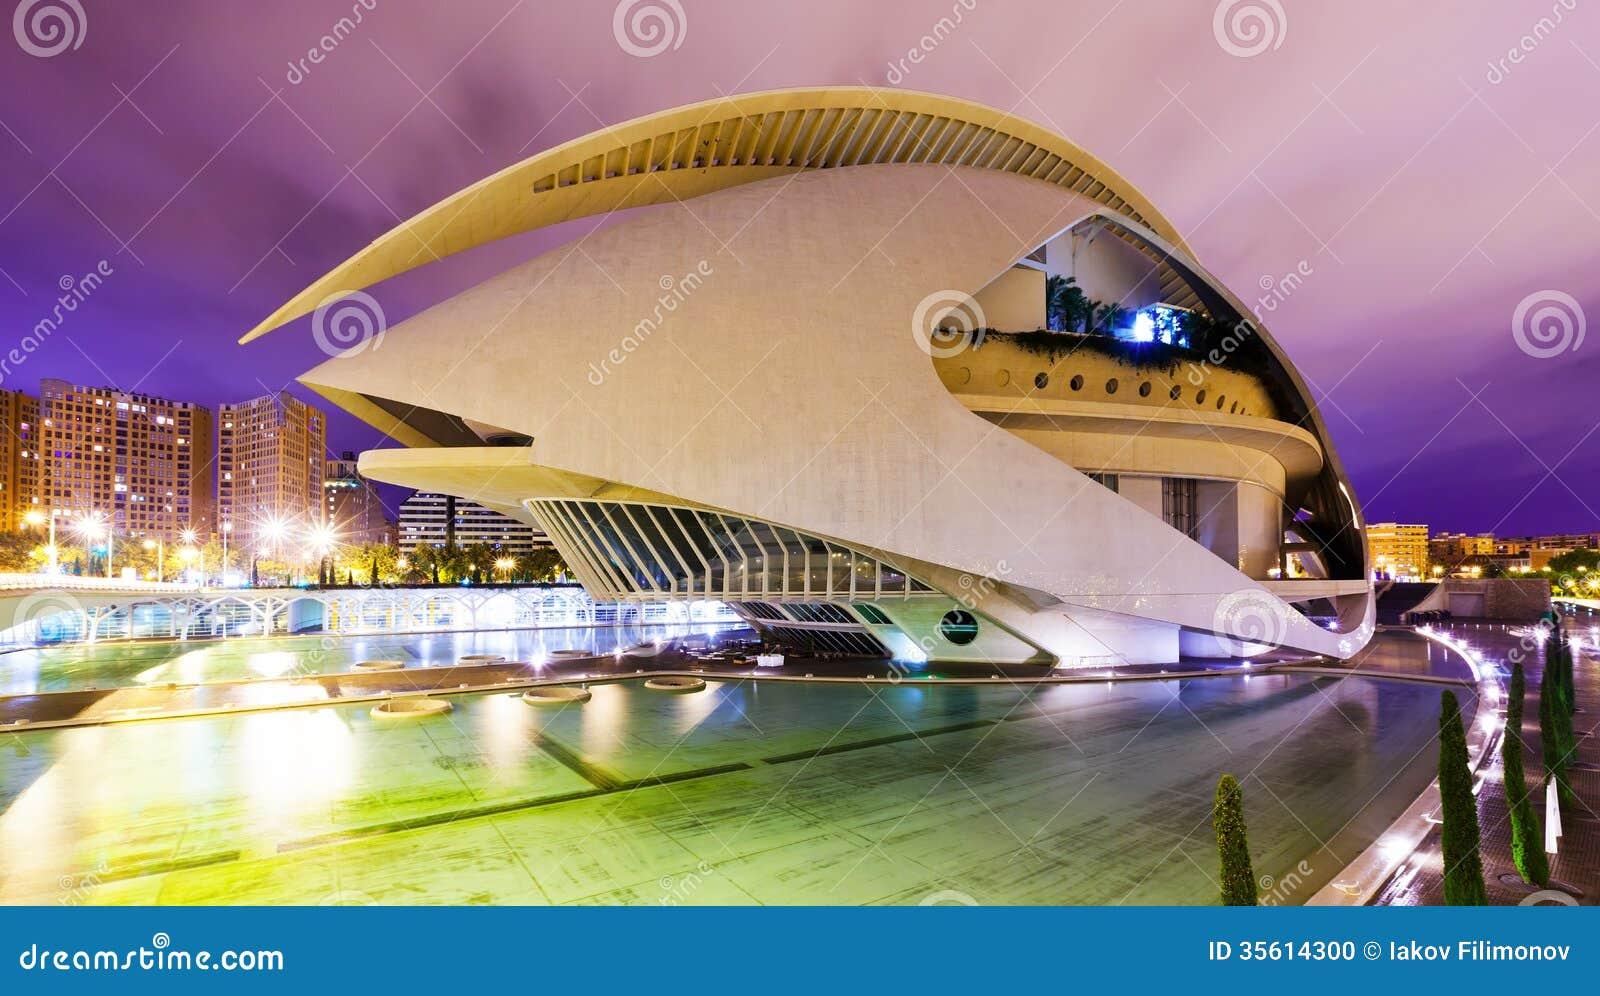 El palau de les arts reina sofia in valencia editorial - Palau de les heures ...